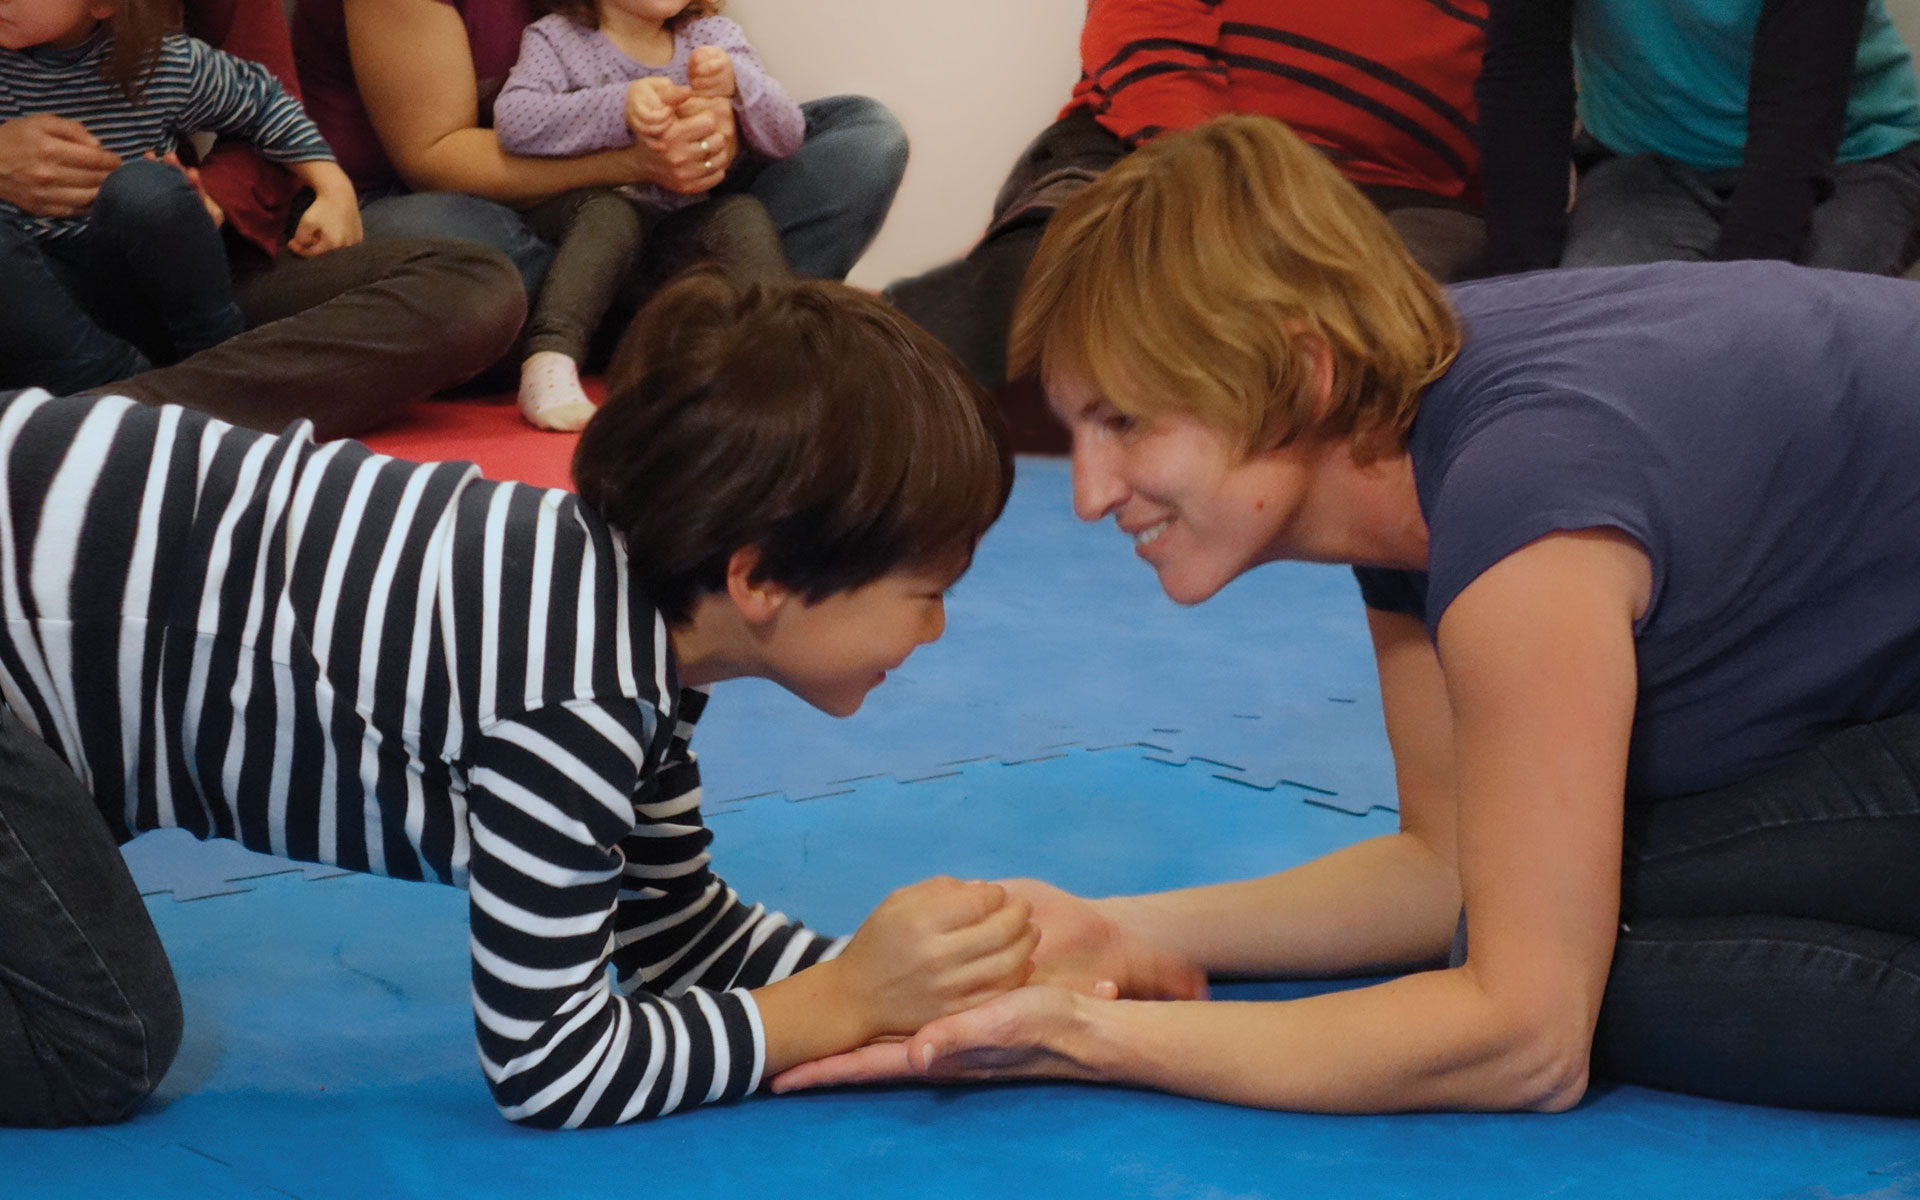 Sonja spielt mit einem Kind